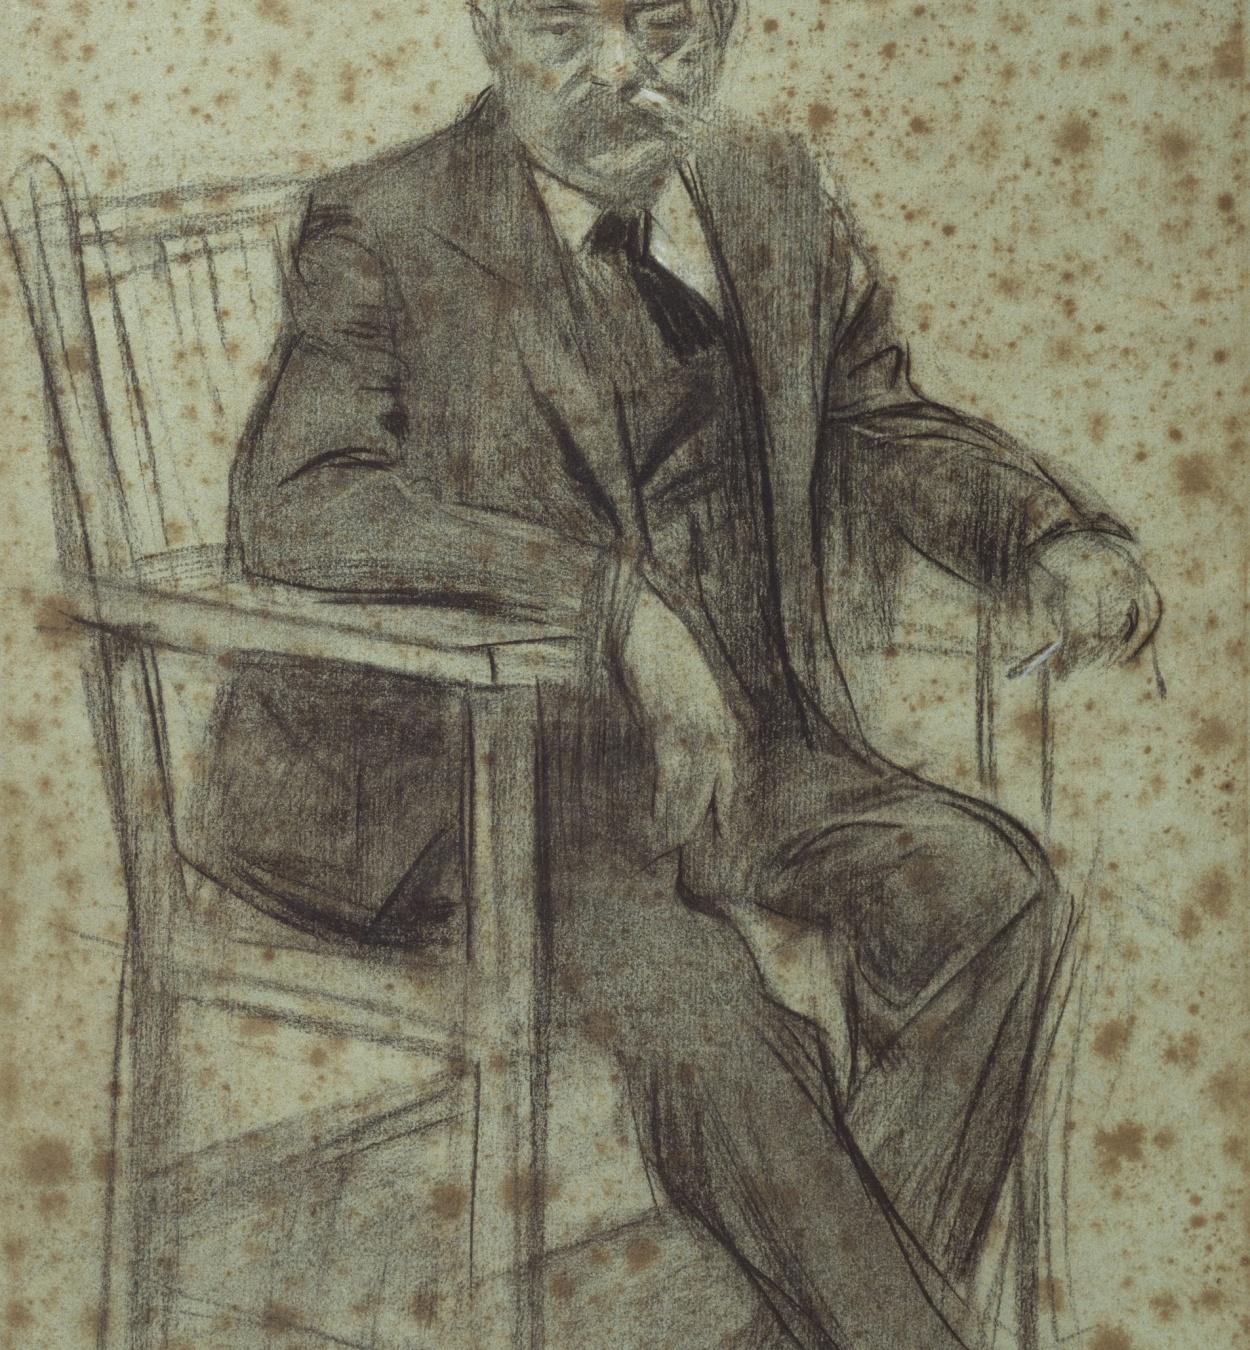 Ramon Casas - Retrato de Valentí Almirall - Hacia 1897-1899